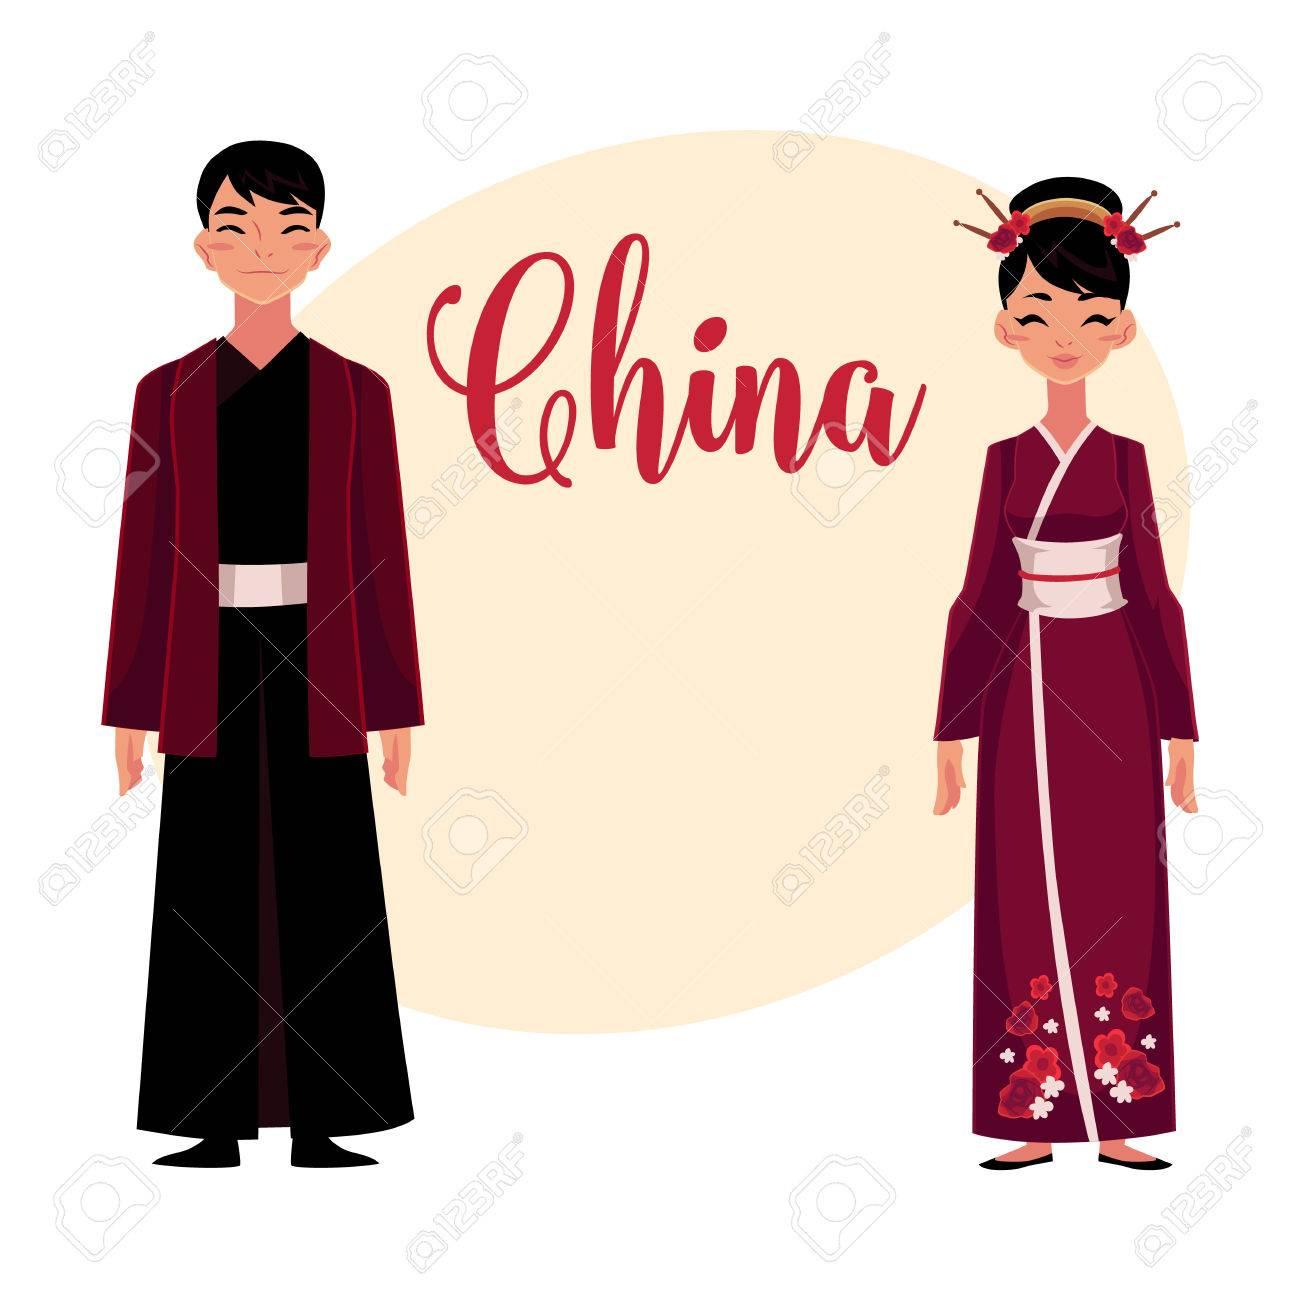 Hombres asiaticos vestidos de mujer